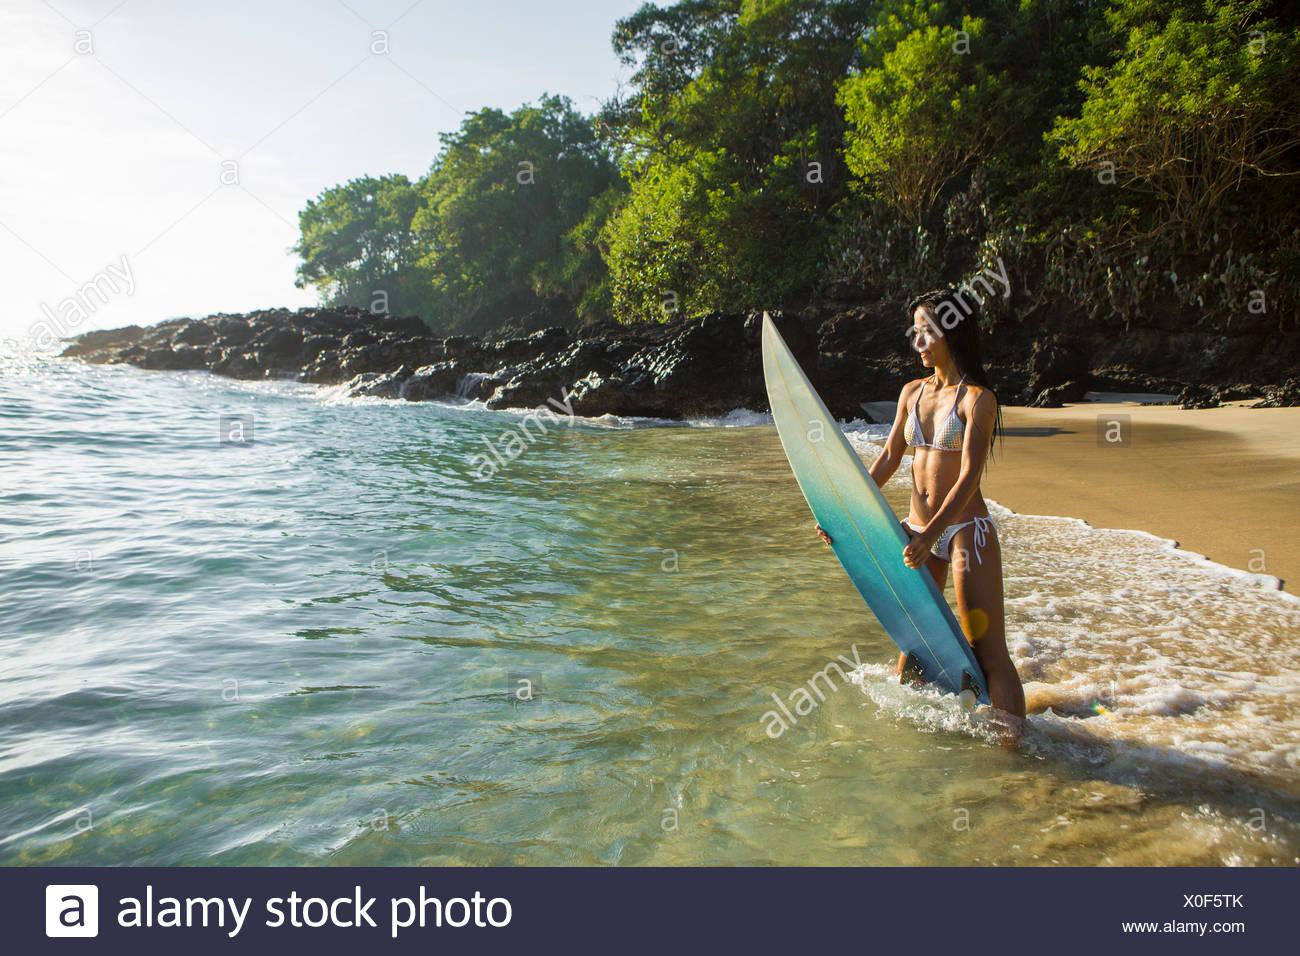 Metà donna adulta sulla spiaggia in piedi nel surf mentre tiene il suo bordo, Bali, Indonesia Immagini Stock